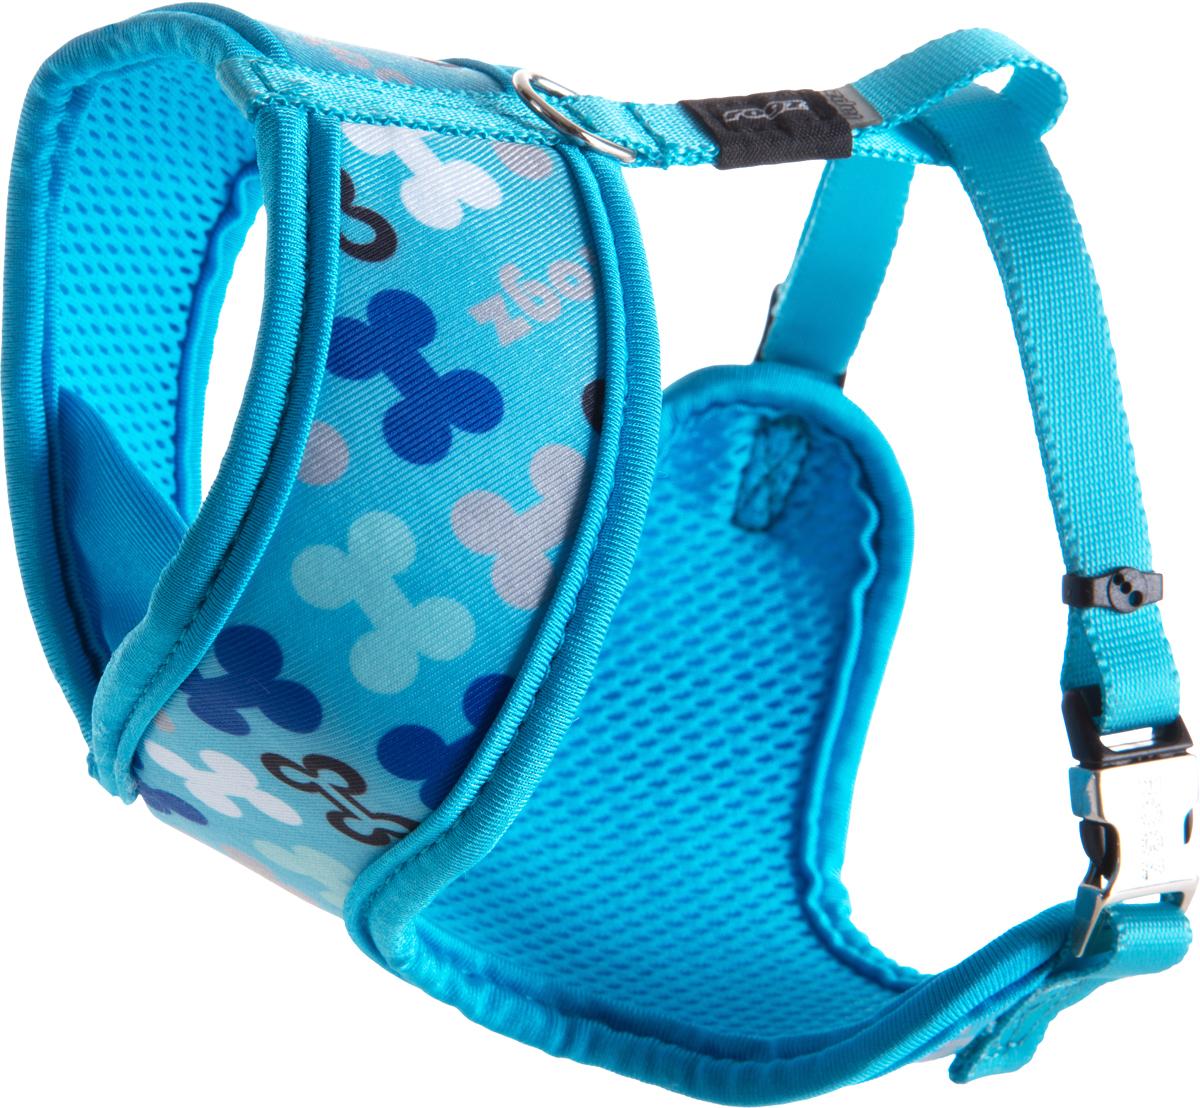 Шлейка-манишка для собак Rogz Trendy, цвет: голубой. Размер SWR521BШлейка-манишка для собак Rogz Trendy - мягкость для шеи, удобство и комфорт.Сохраняет шерстку в идеальном состоянии.Широкие элементы изделия позволят равномерно распределить нагрузку на шлейку при рывках, обеспечивая, тем самым, здоровье любимцу и целостность изделию.Шлейка полностью отражает свет.